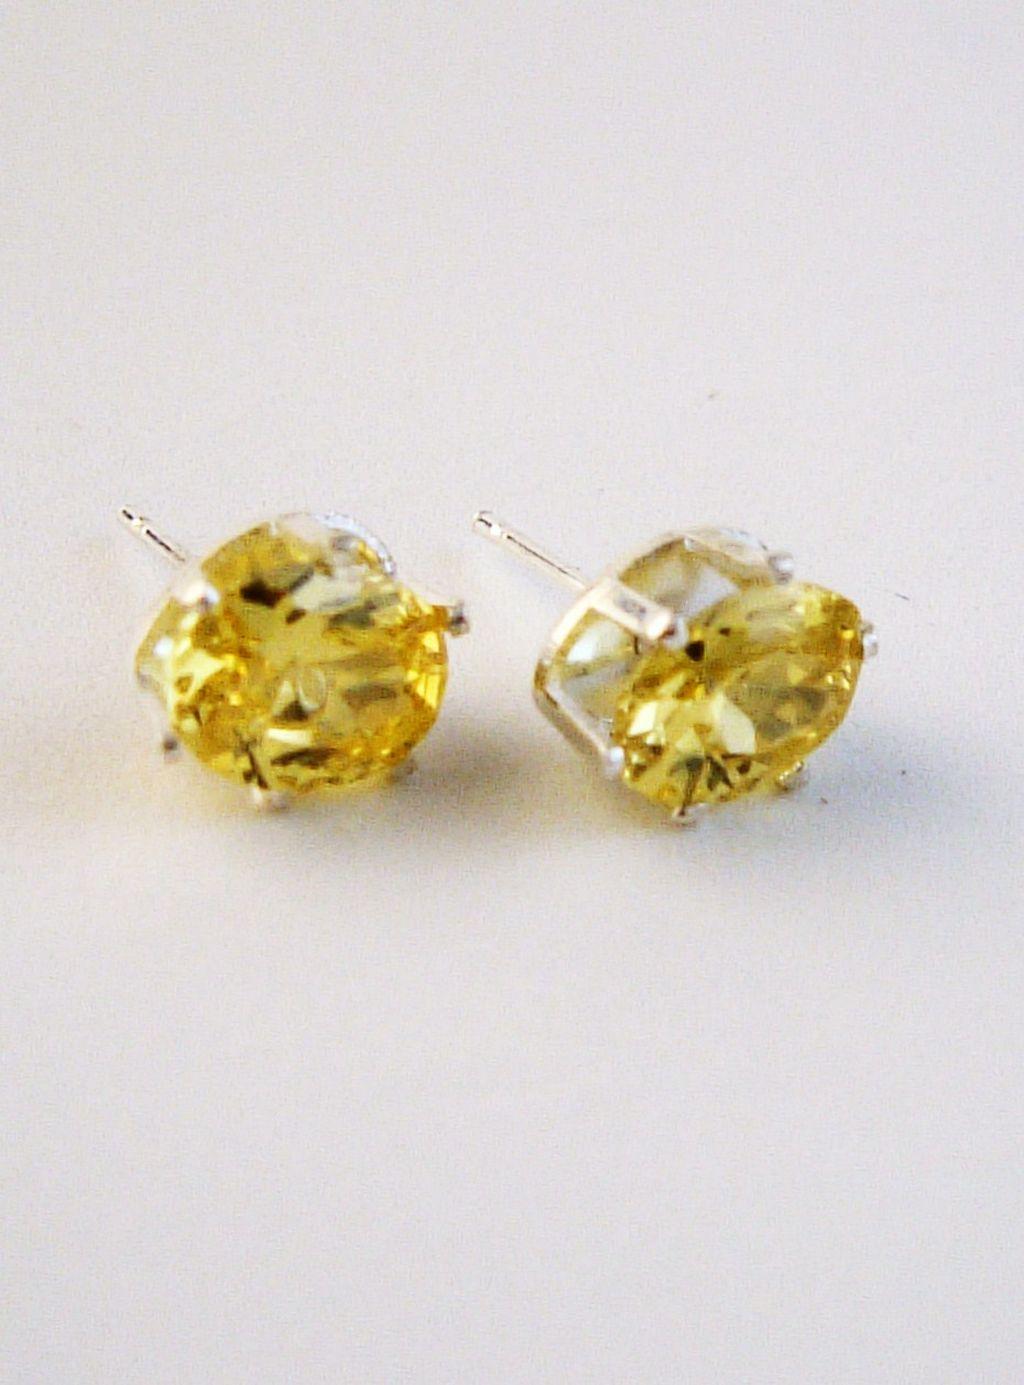 Yellow Sapphire Oval Cut Silver Stud Earrings Genuine Cz